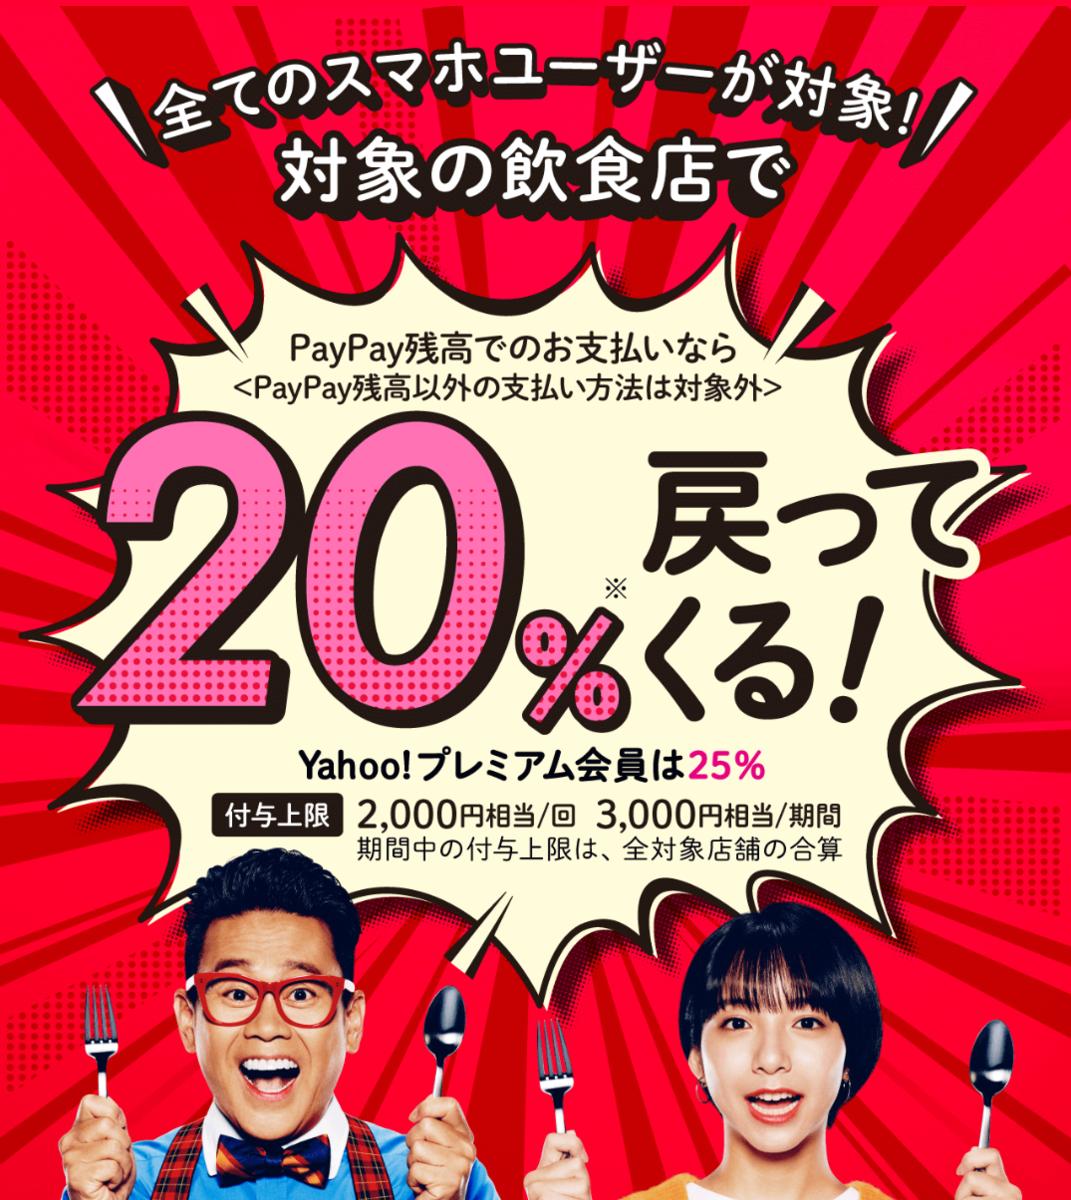 PayPay飲食店20%還元